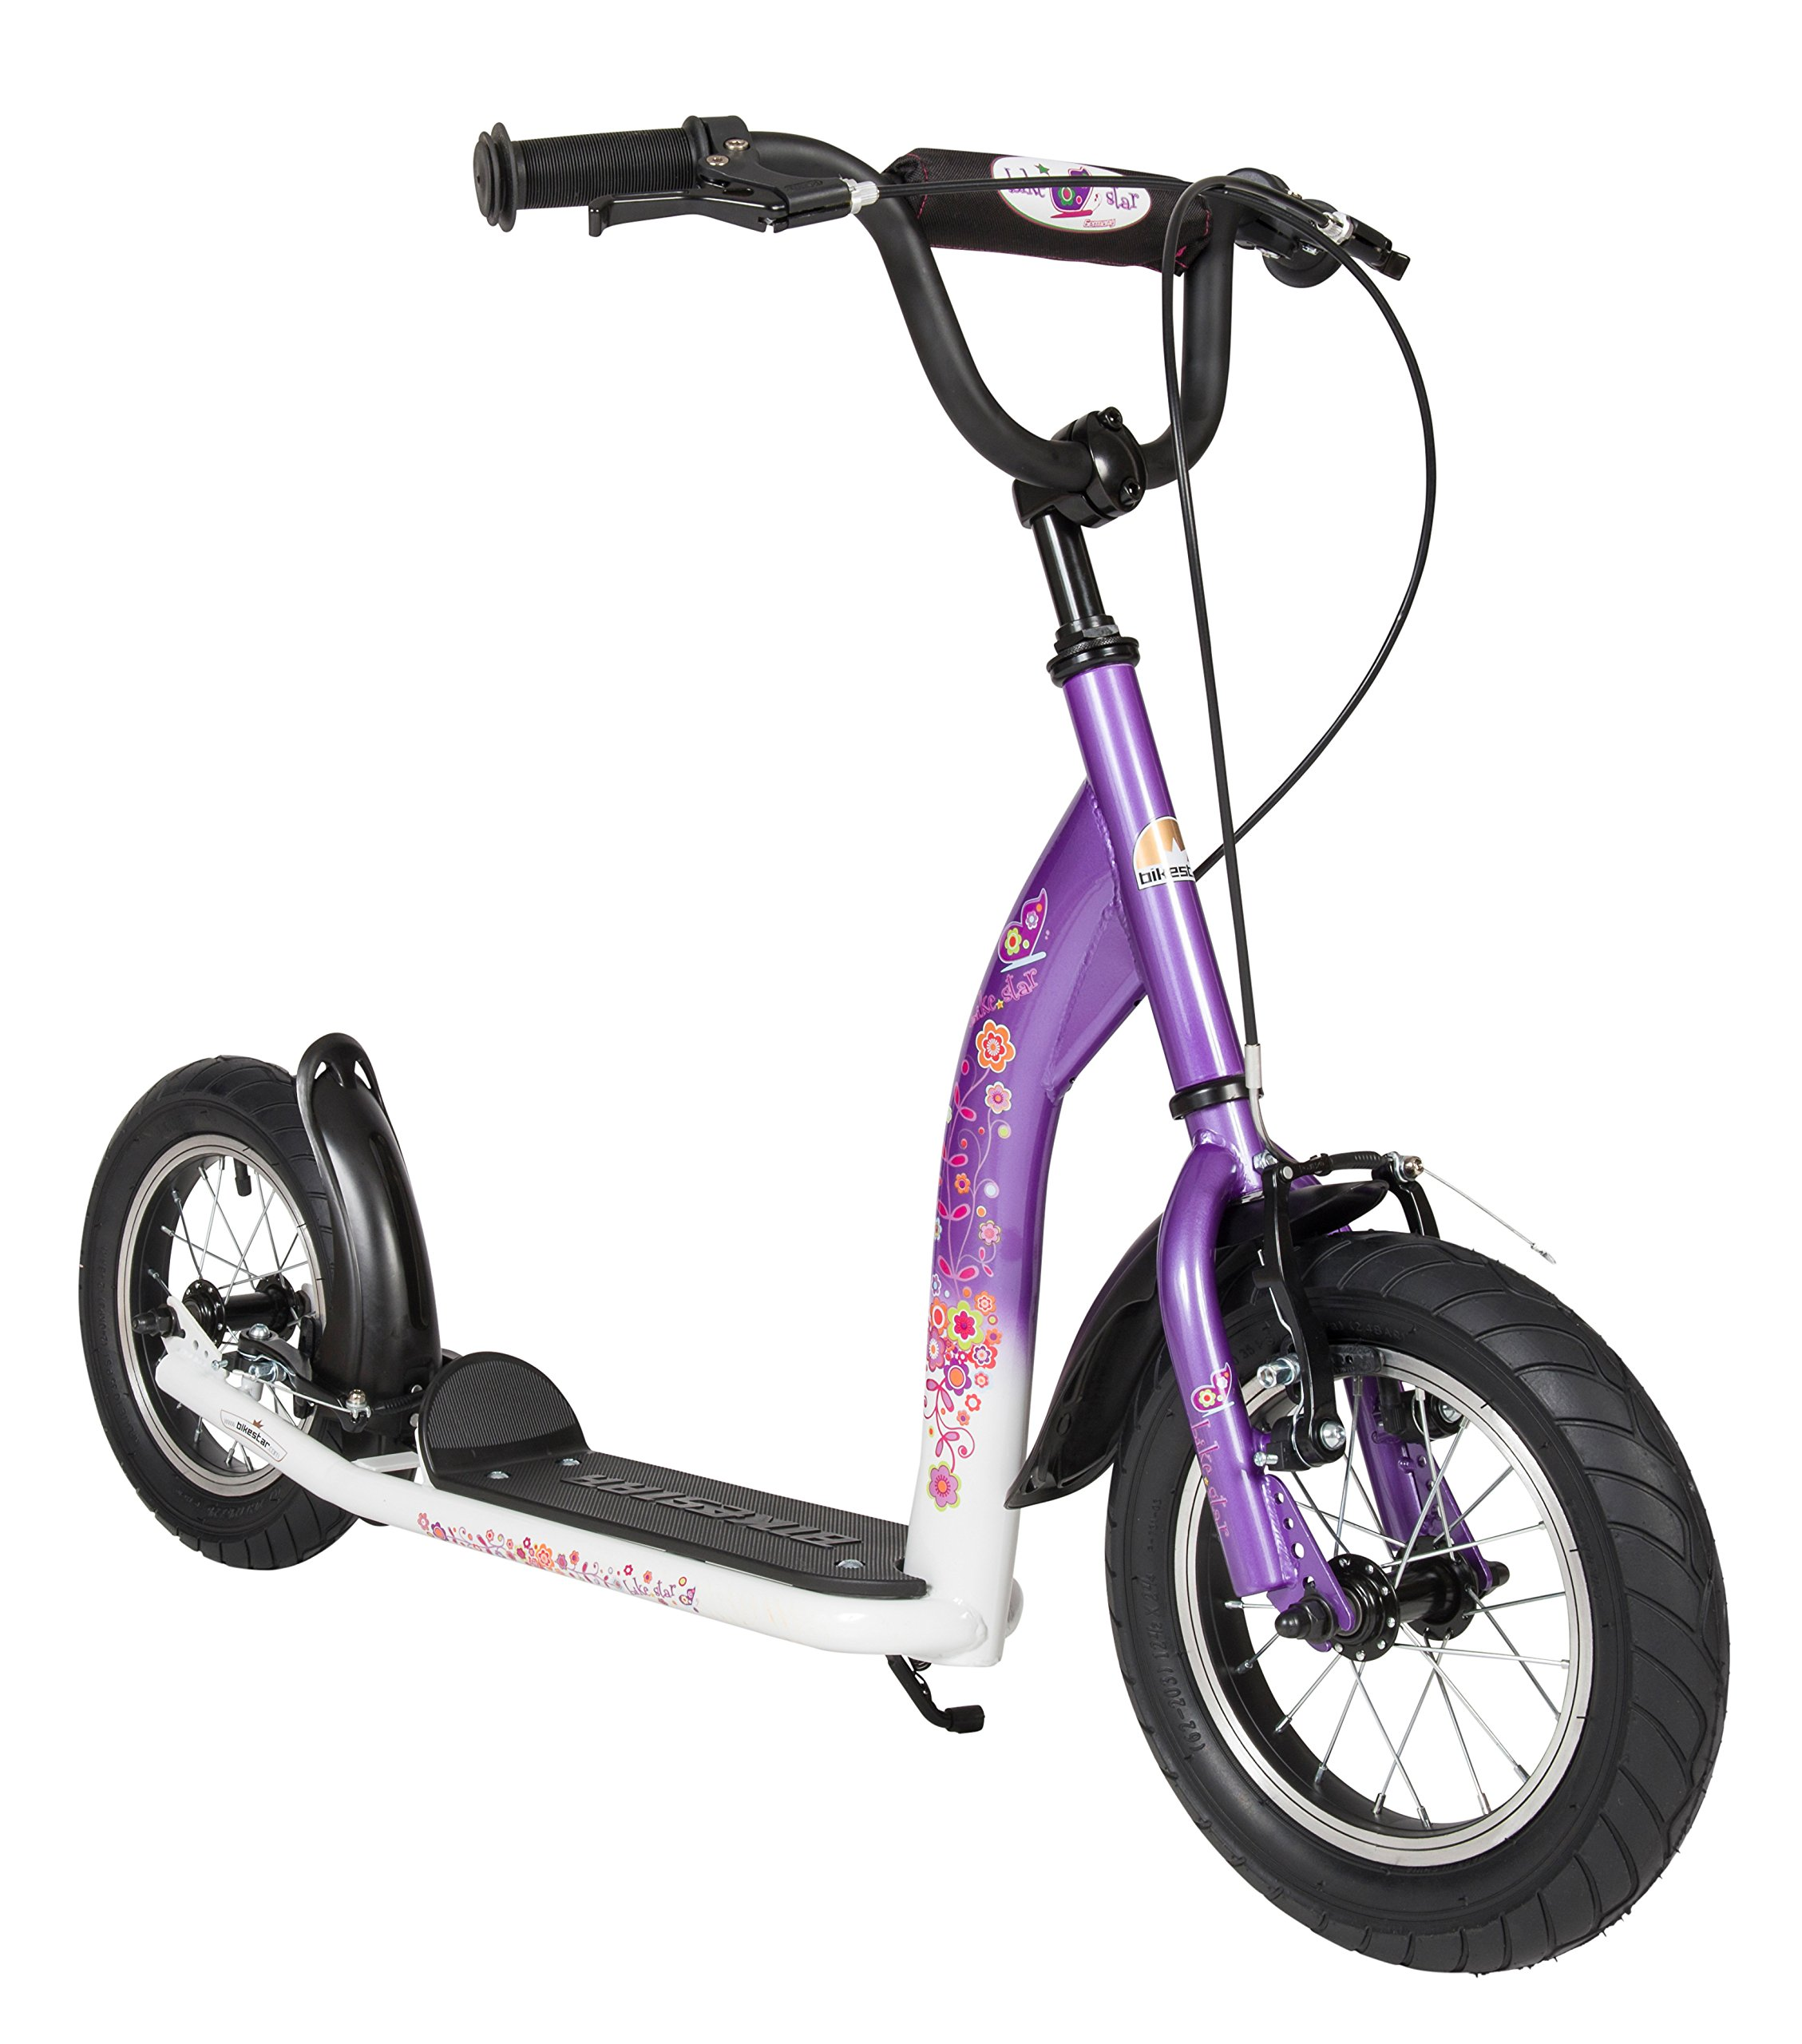 BIKESTAR Patinete infantil | Scooter para niños y niñas a partir de 6-7 años